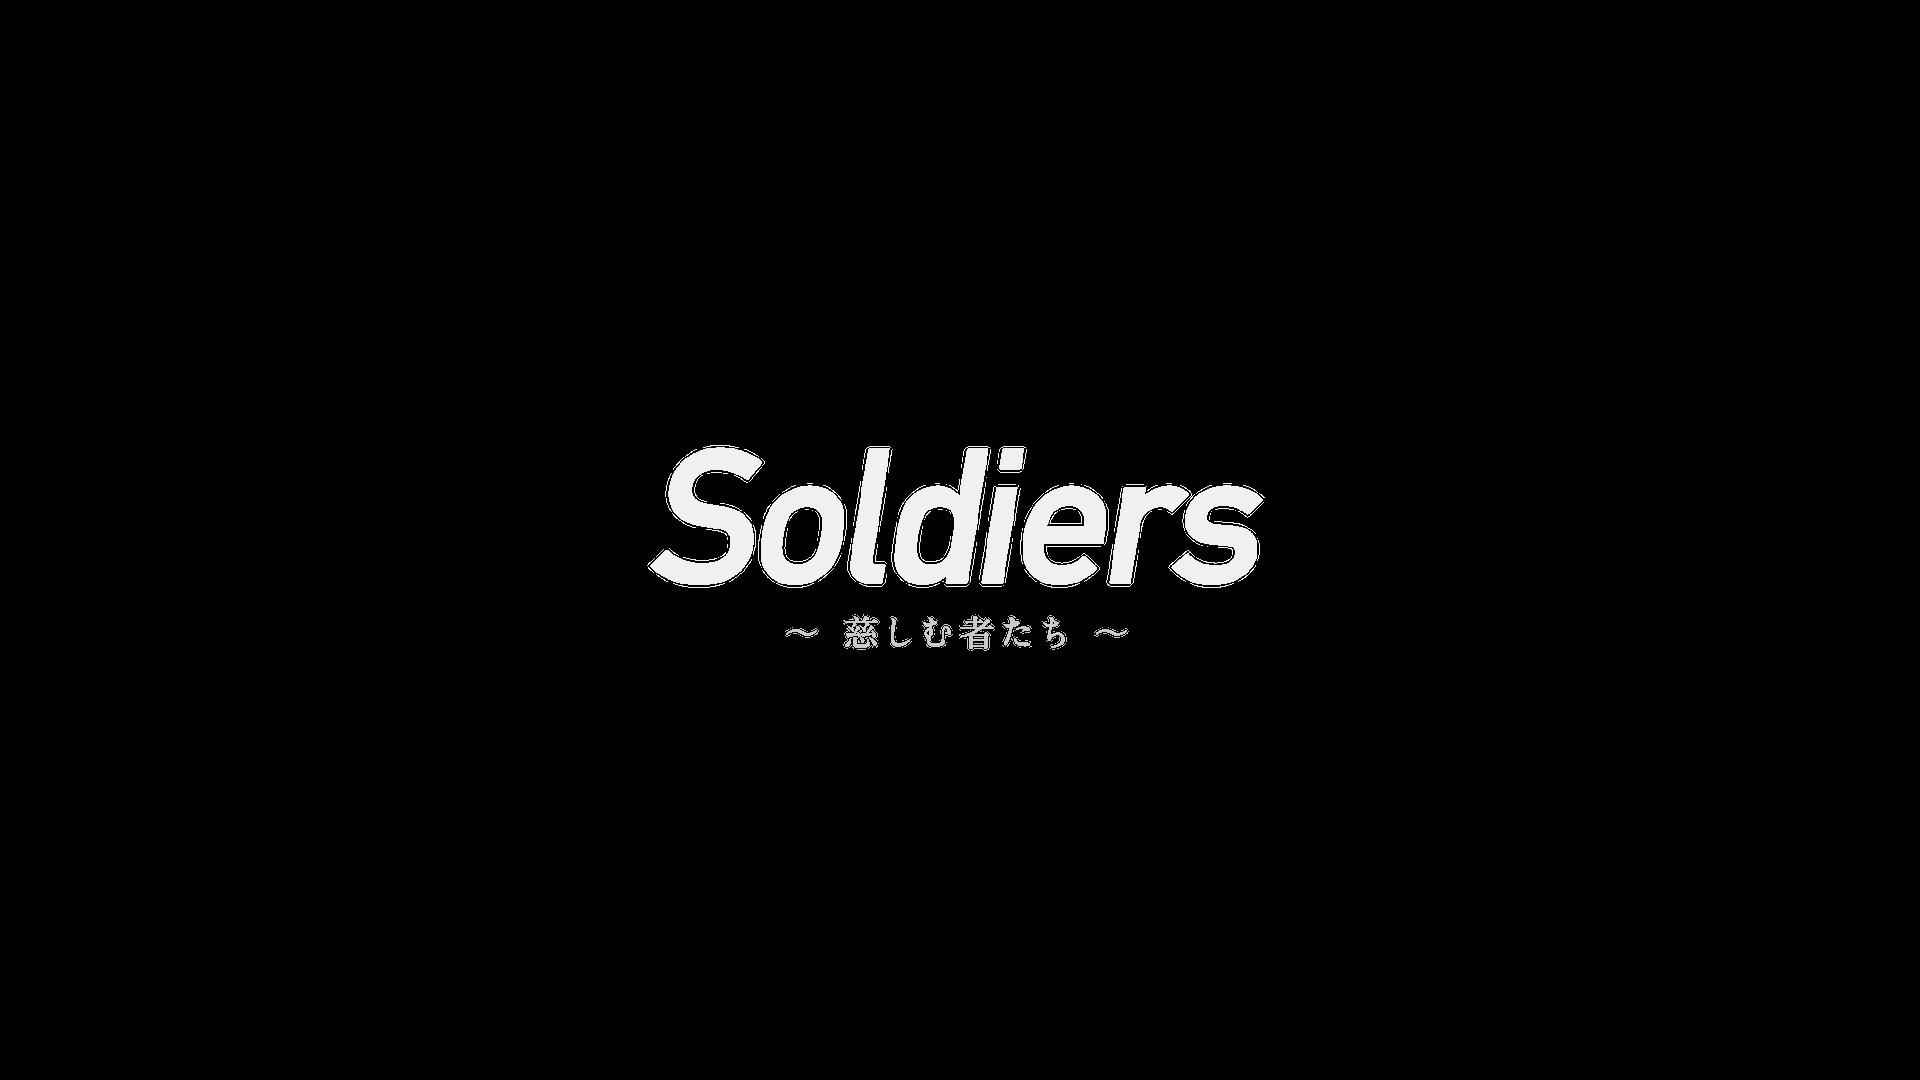 12月6日(日)19:00 O.A.<br>dTVチャンネル「Soldiers〜慈しむ者たち〜」